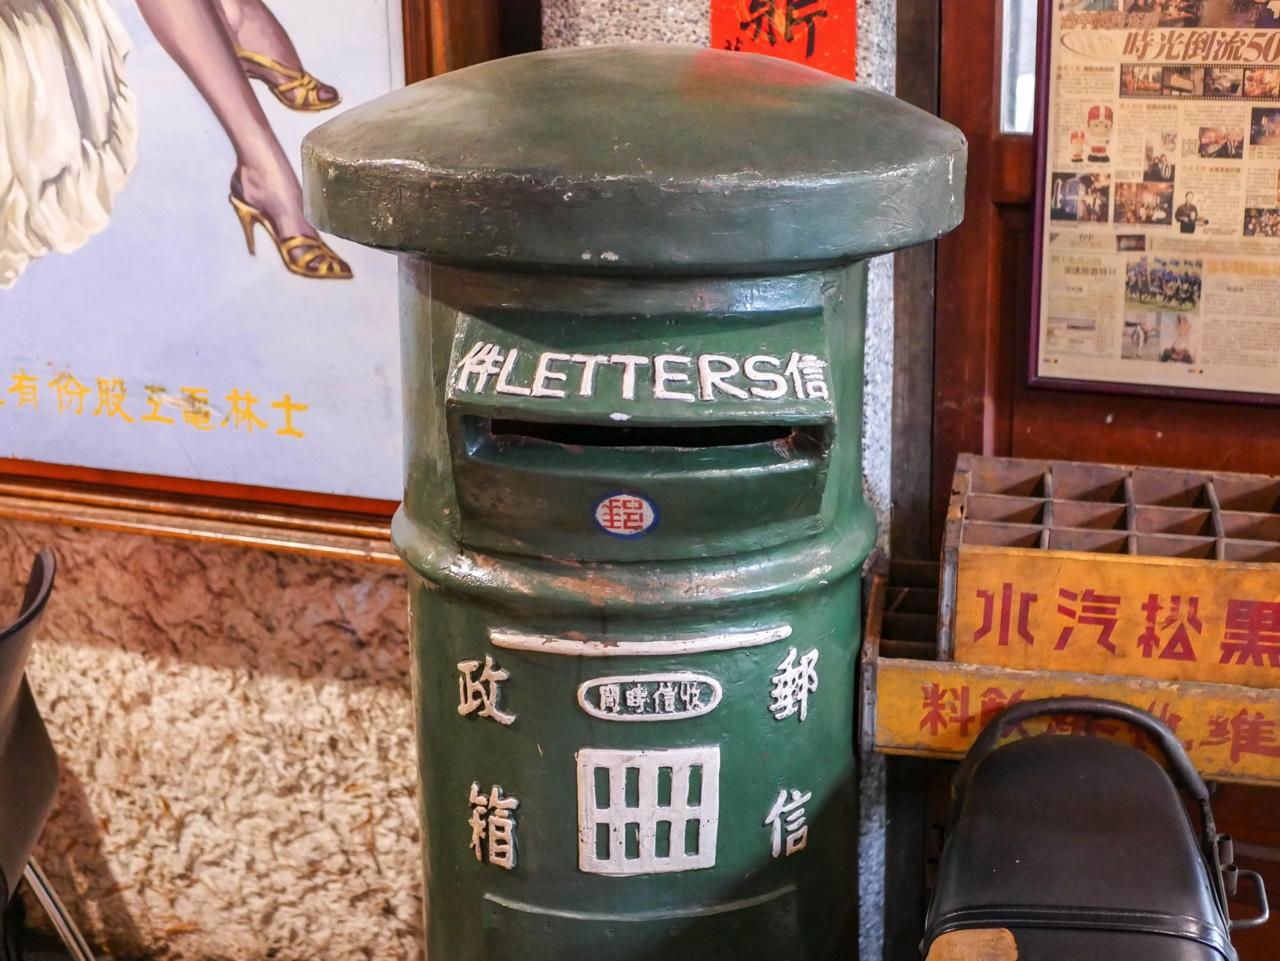 円筒形郵便ポスト